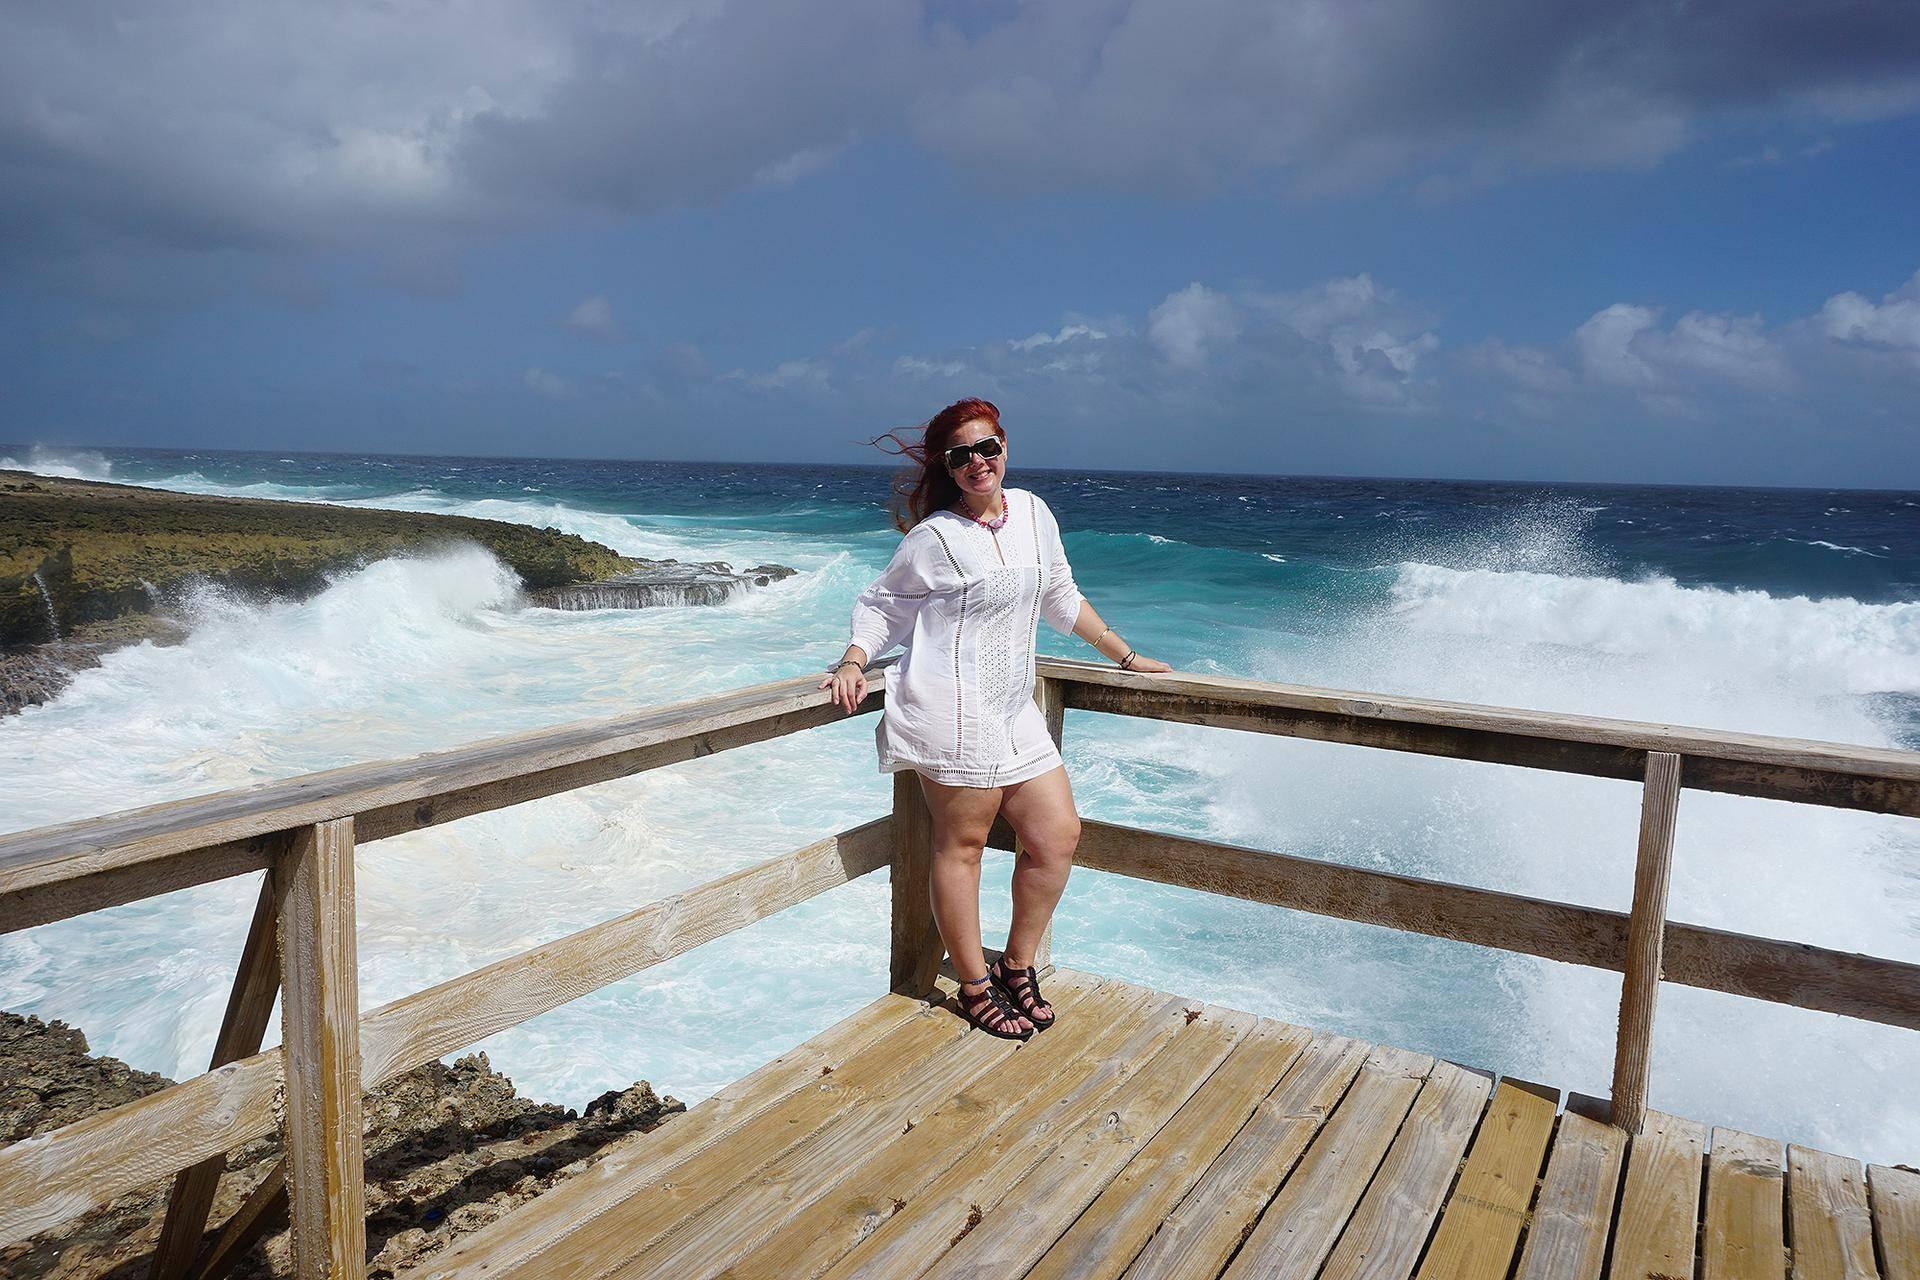 Em Shete Boka, Curaçao